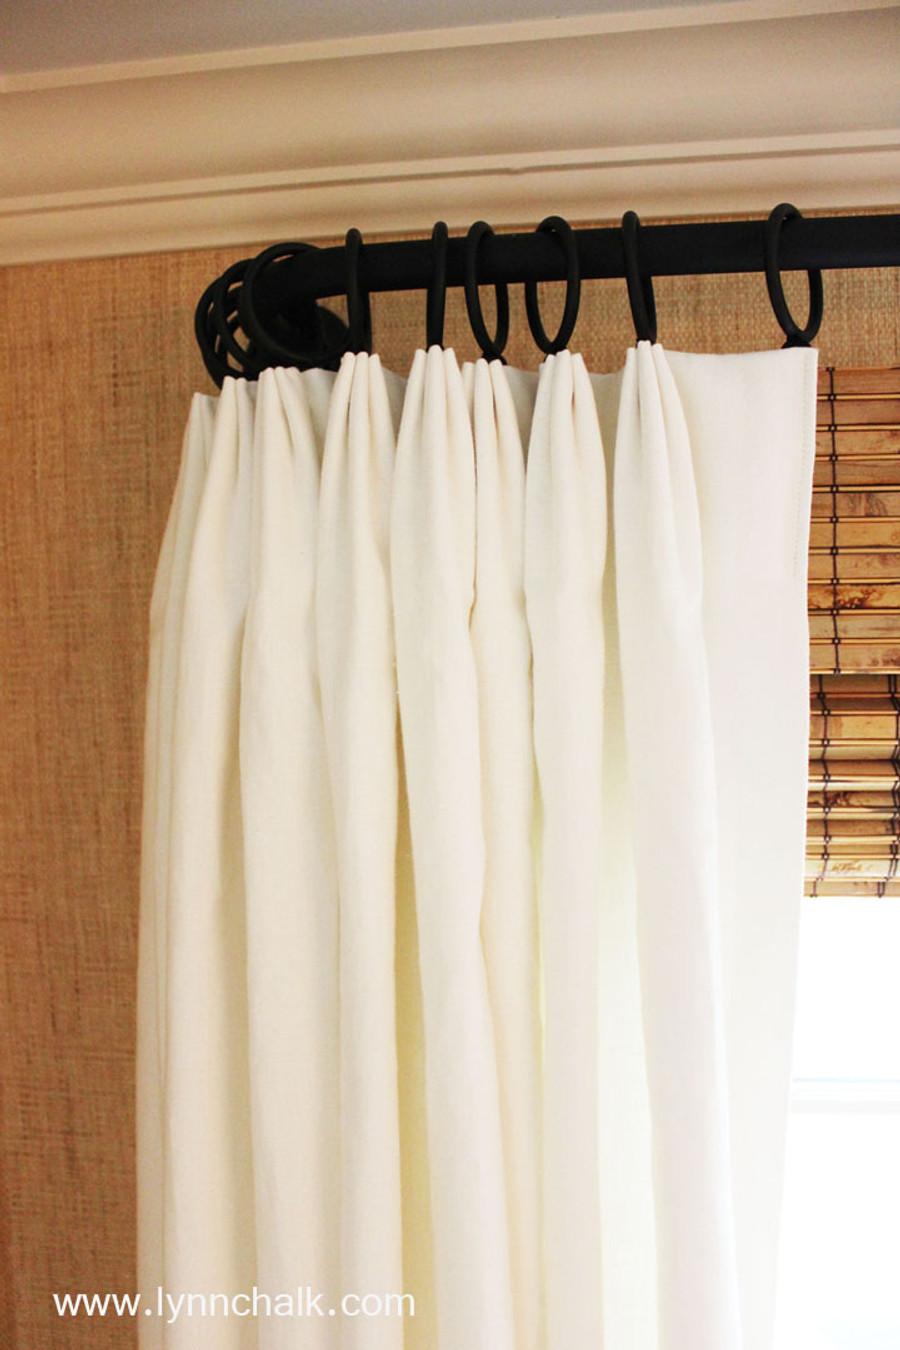 Custom Fan Pleated Drapes by Lynn Chalk in Kravet Dublin Linen in Bleach.